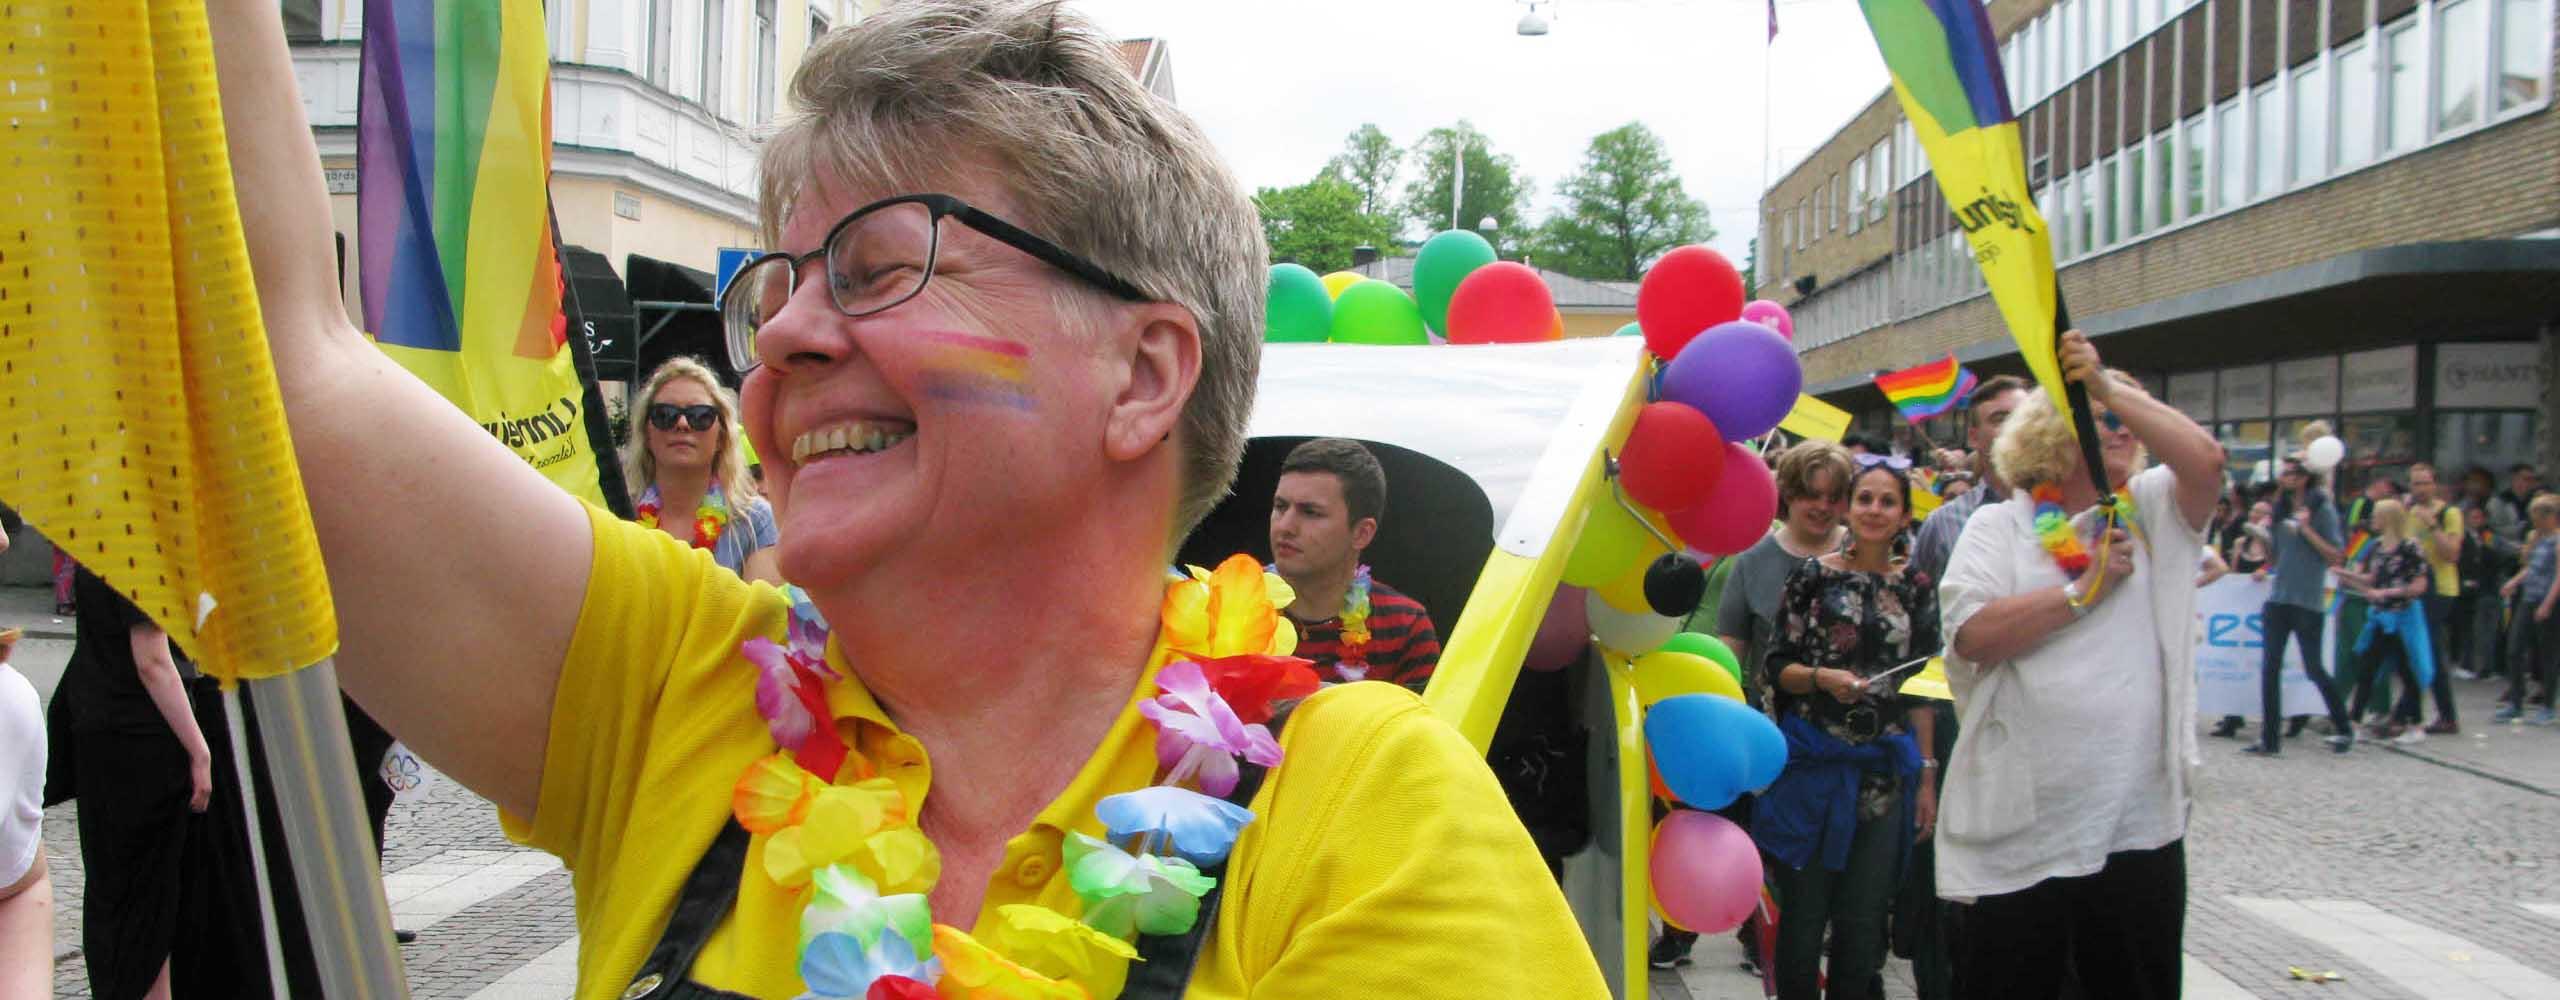 Prideparad i Växjö